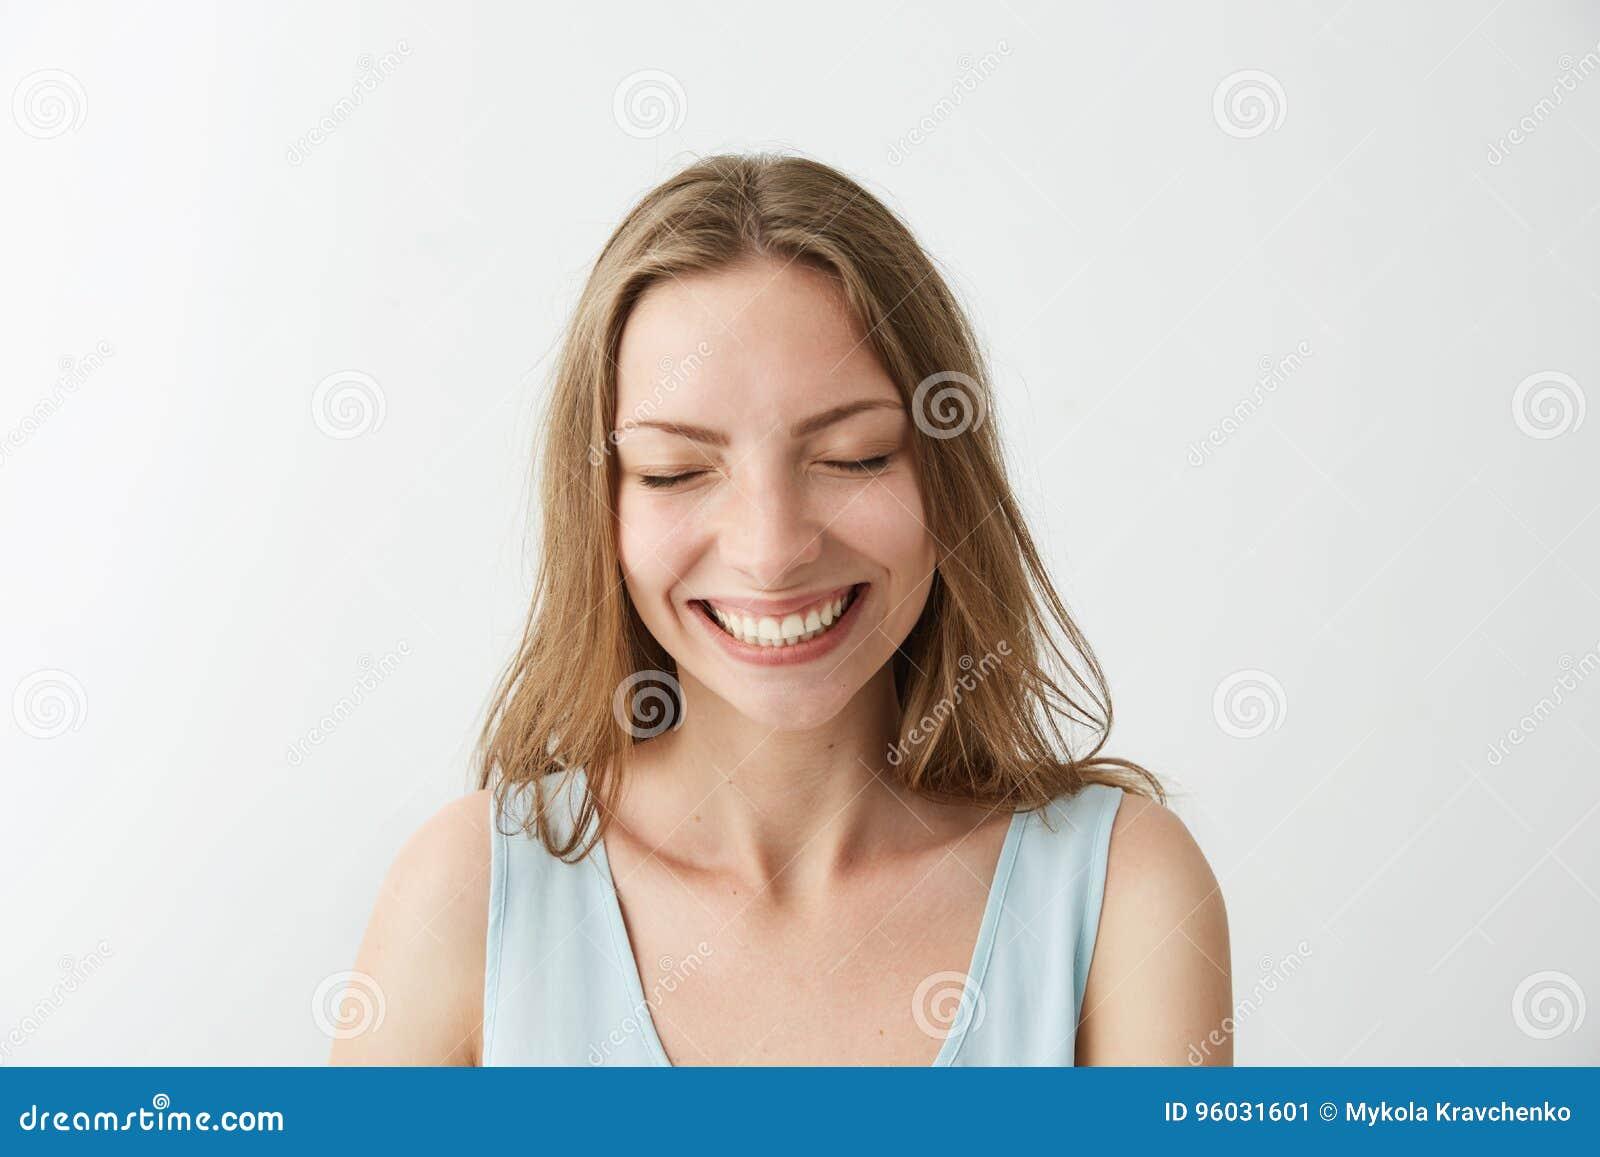 Piękna szczera szczęśliwa rozochocona dziewczyna uśmiecha się śmiać się z zamkniętymi oczami nad białym tłem